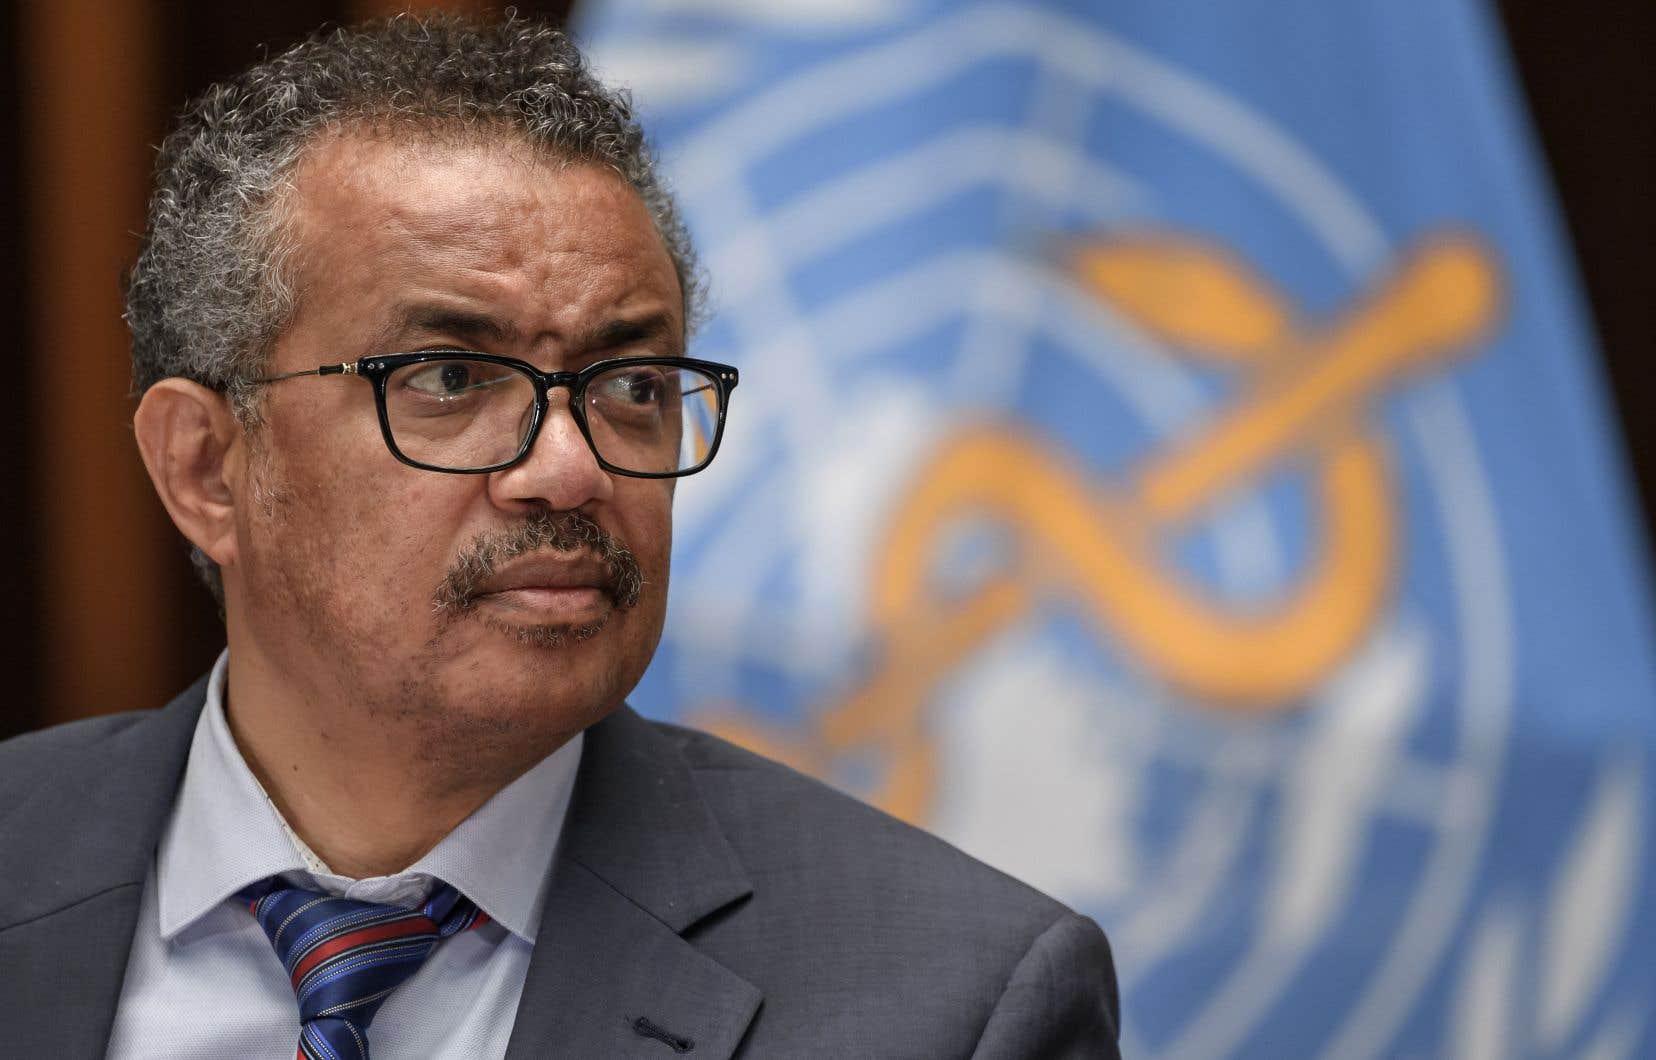 Le chef de l'Organisation mondiale de la santé, Tedros Adhanom Ghebreyesus